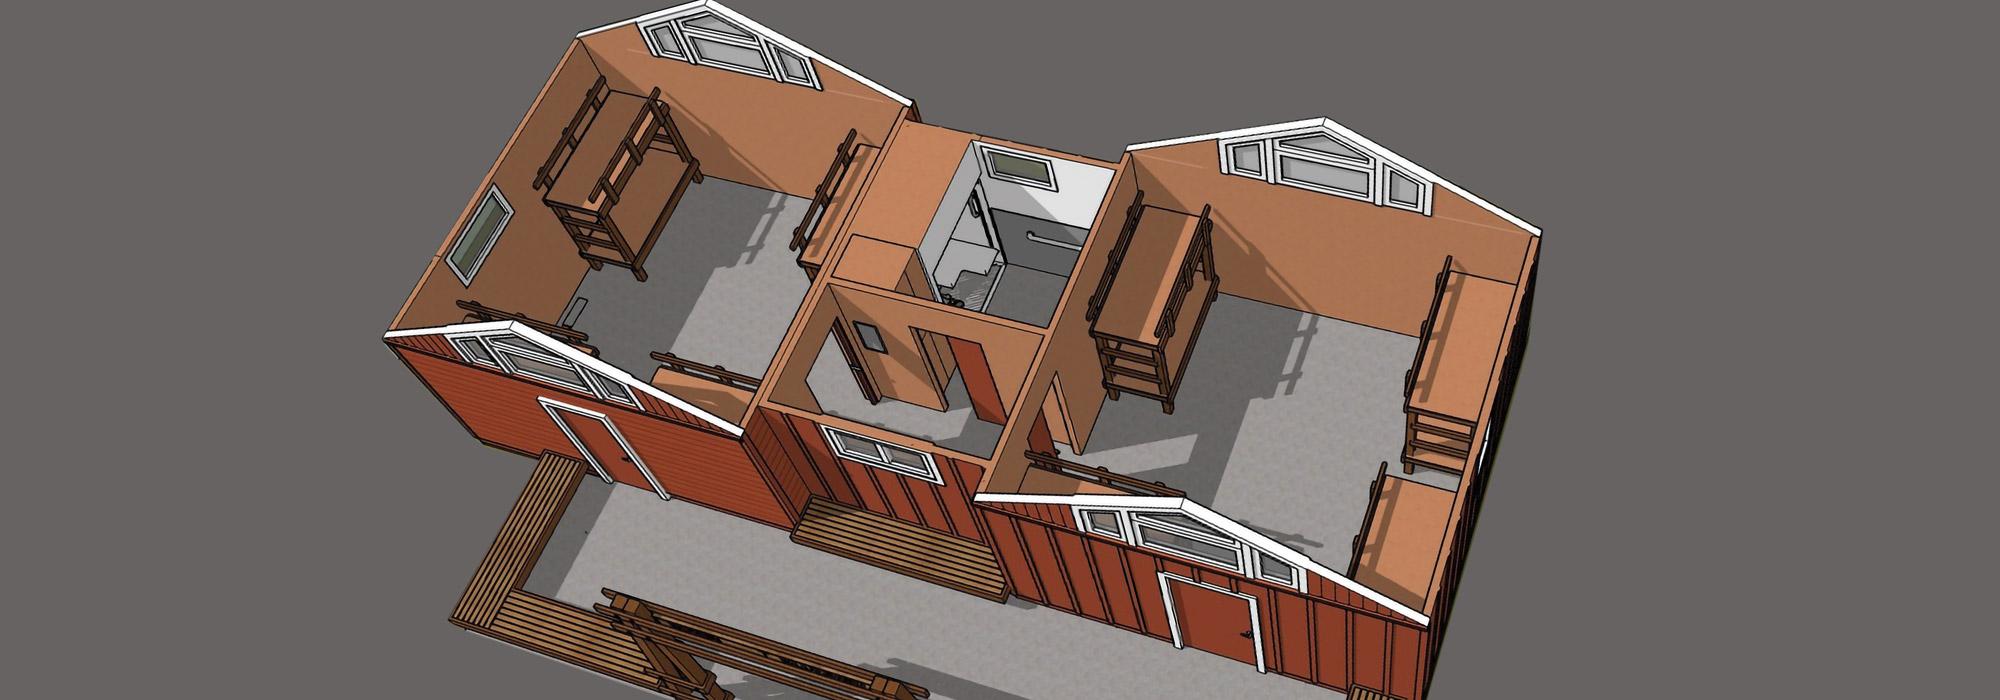 Cabin Remodel Interior Render